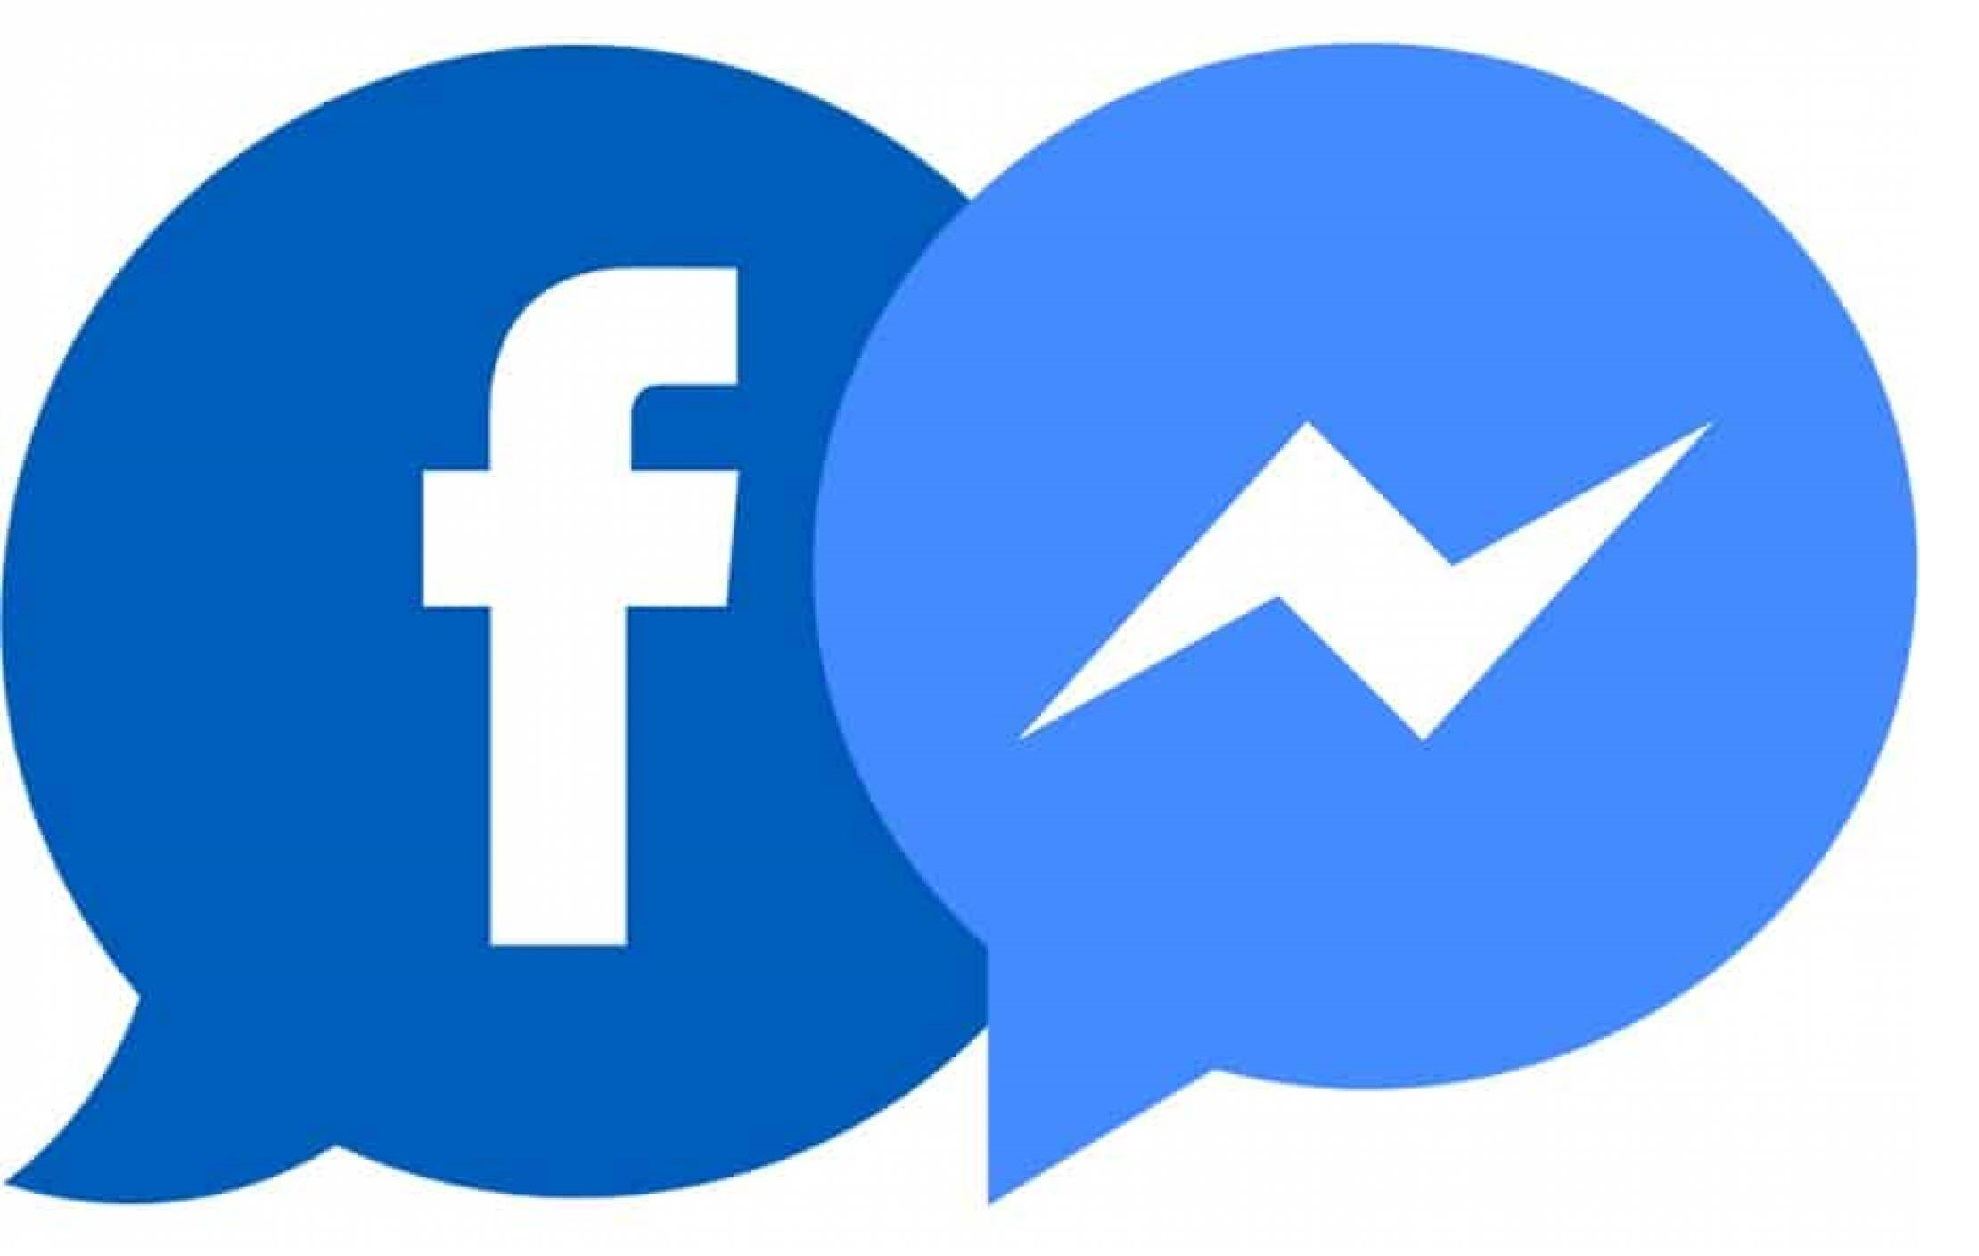 म्यासेन्जर चलाउन फेसबुक एकाउन्ट अनिवार्य